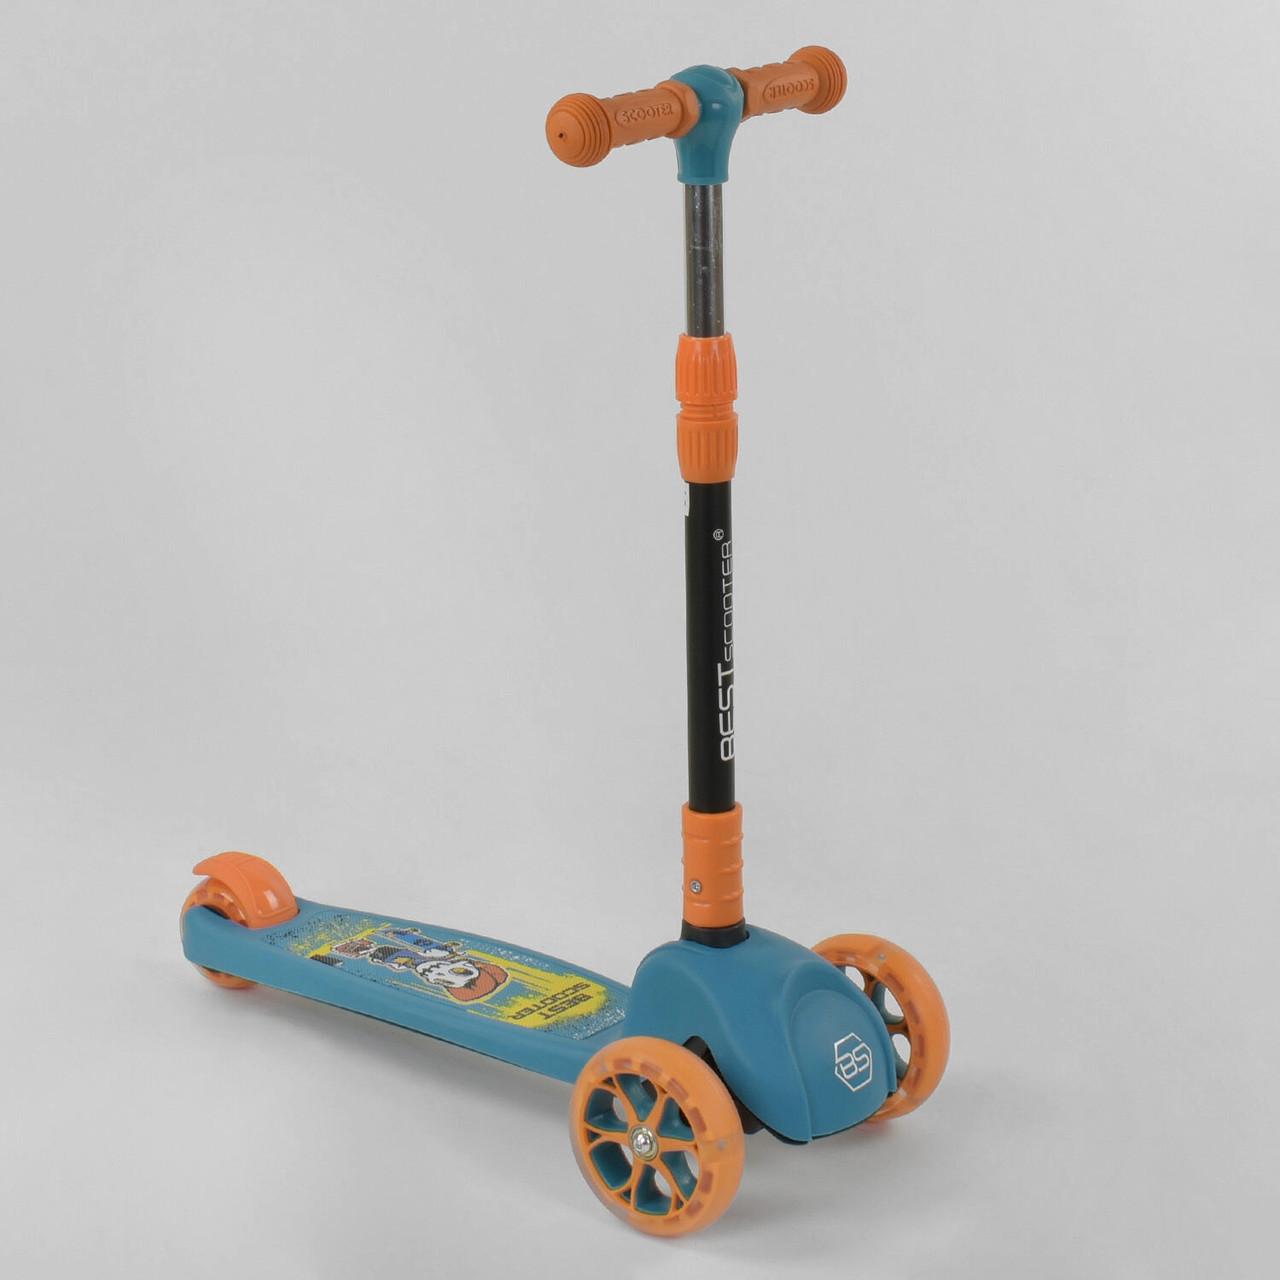 Трехколесный детский самокат со складной ручкой и светящимися колесами Best Scooter 45567 Голубой с оранжевым